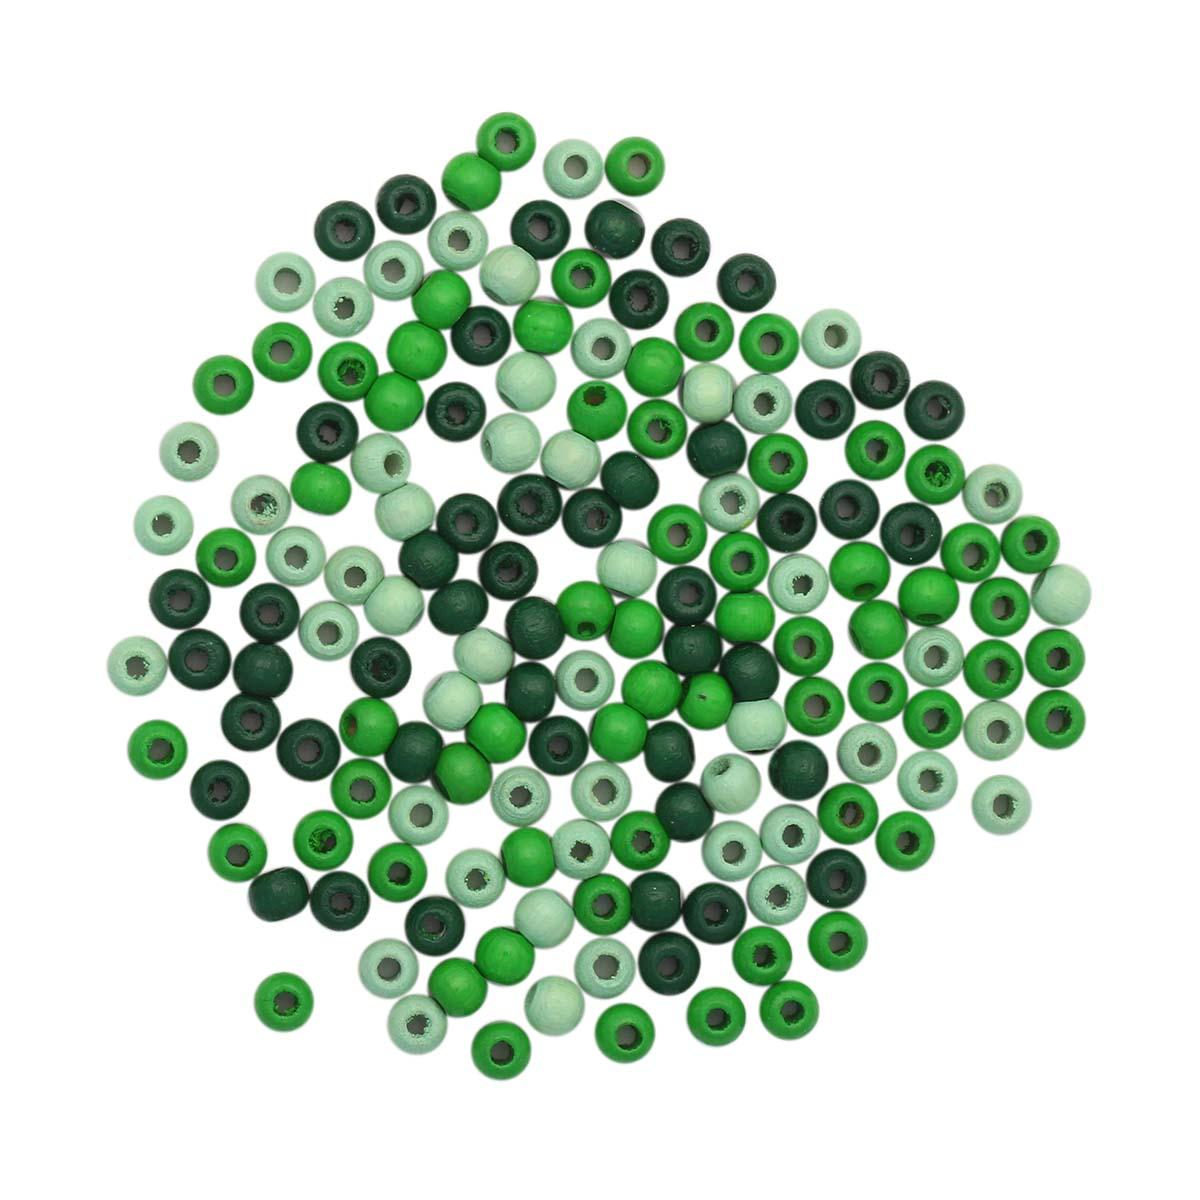 61651055 Бусины дерево, зеленый микс, 4 мм, упак./155 шт., Glorex